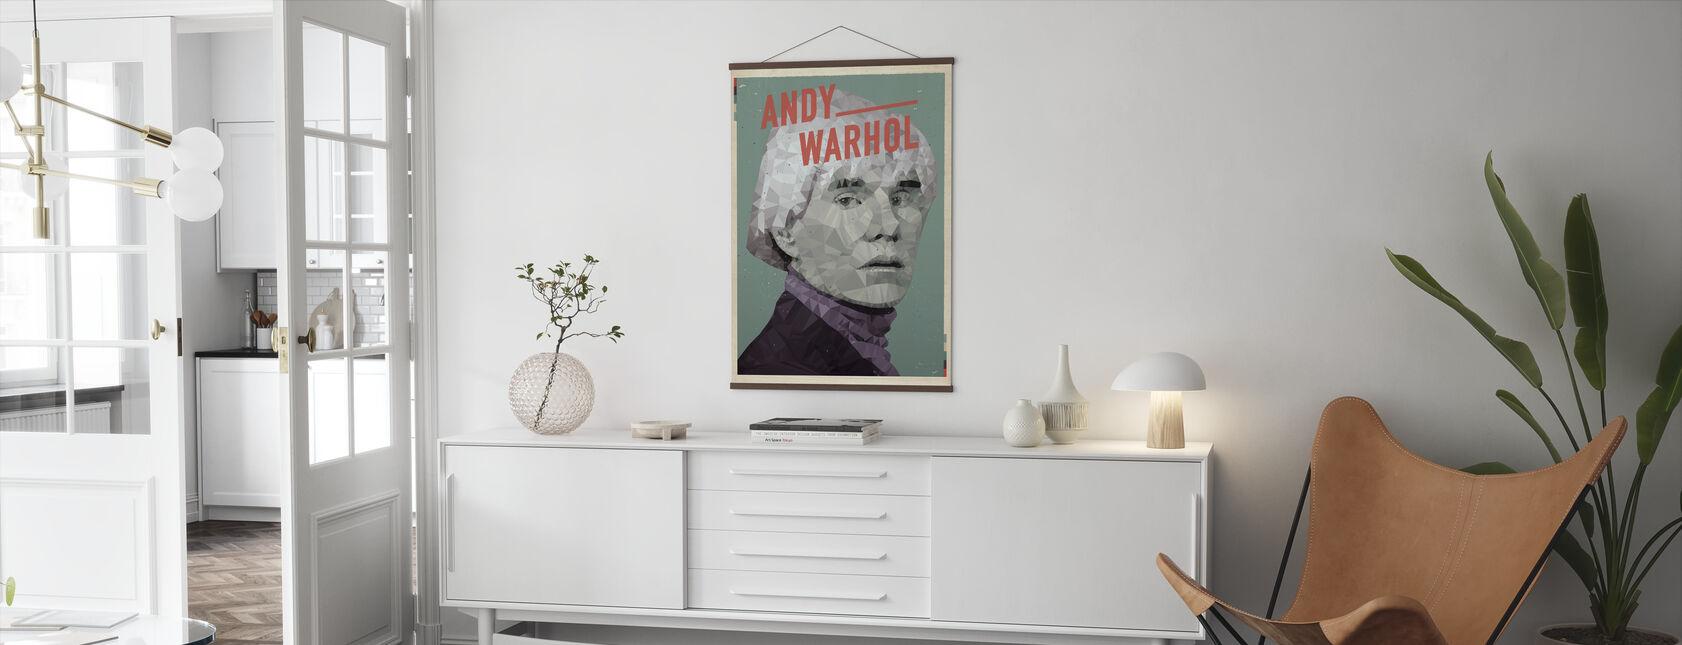 15 Minuten Ruhm - Poster - Wohnzimmer